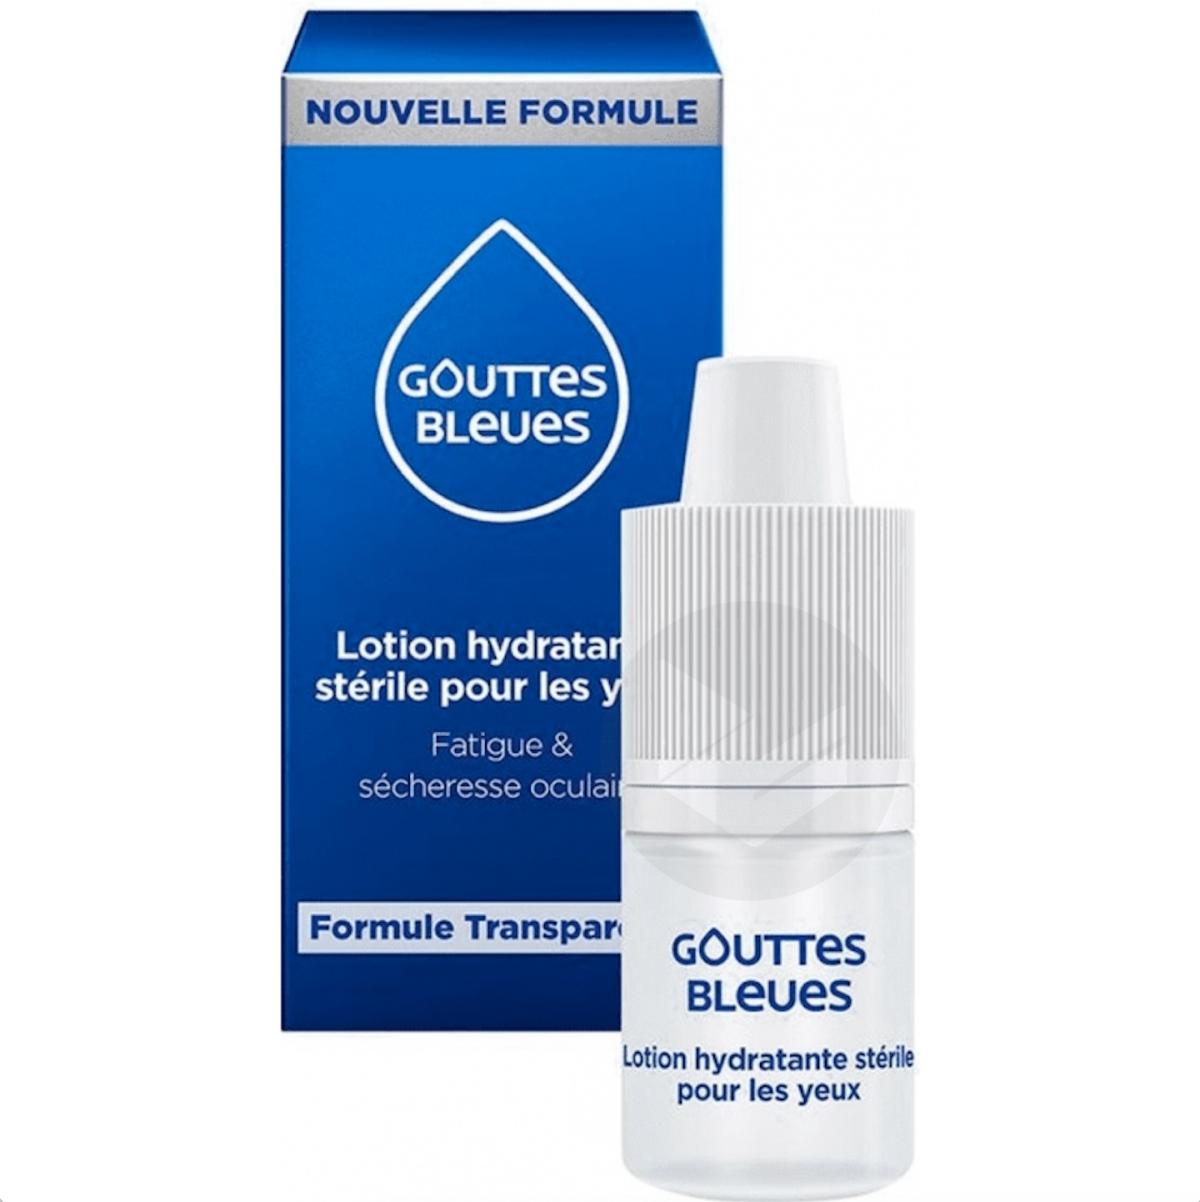 Goutte Bleue Lotion Hydratante Sterile Yeux 10 Ml